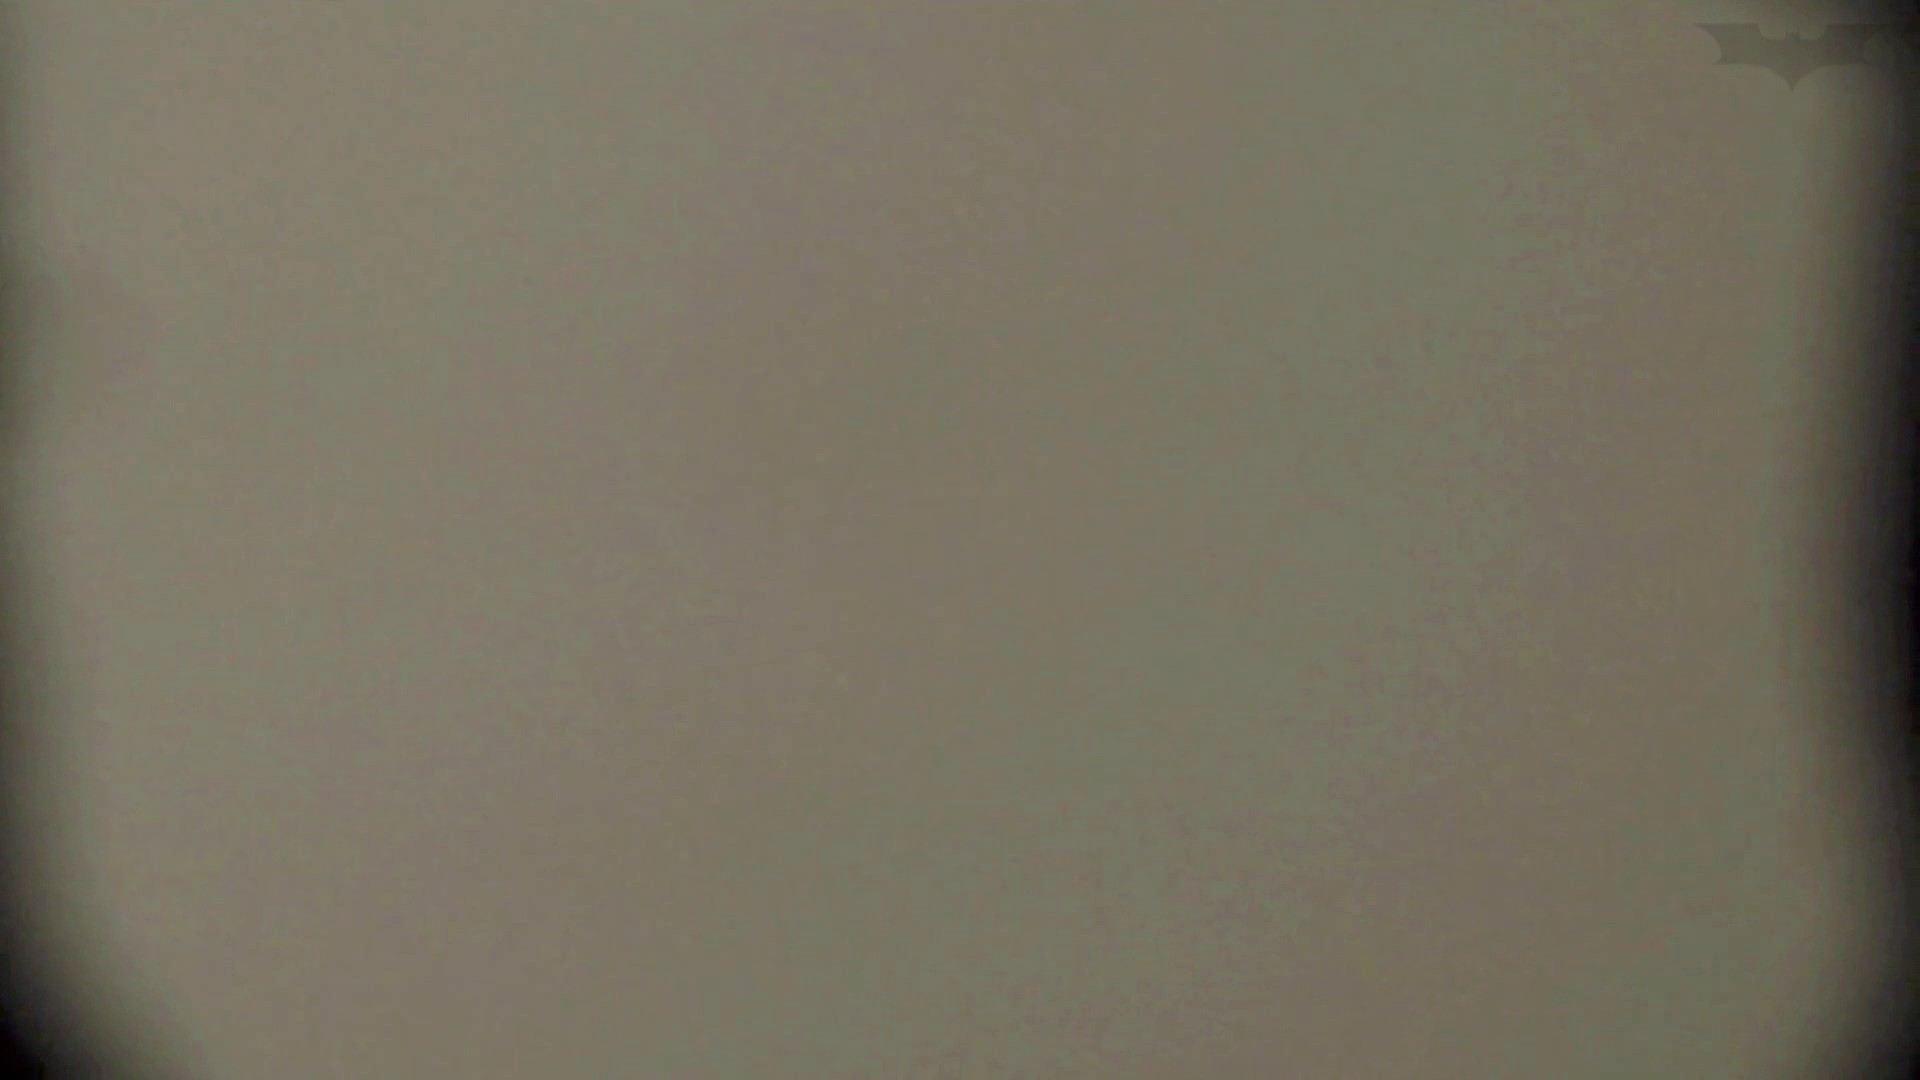 お銀 vol.71 レベルアップ!! 高画質 ヌード画像 111枚 75